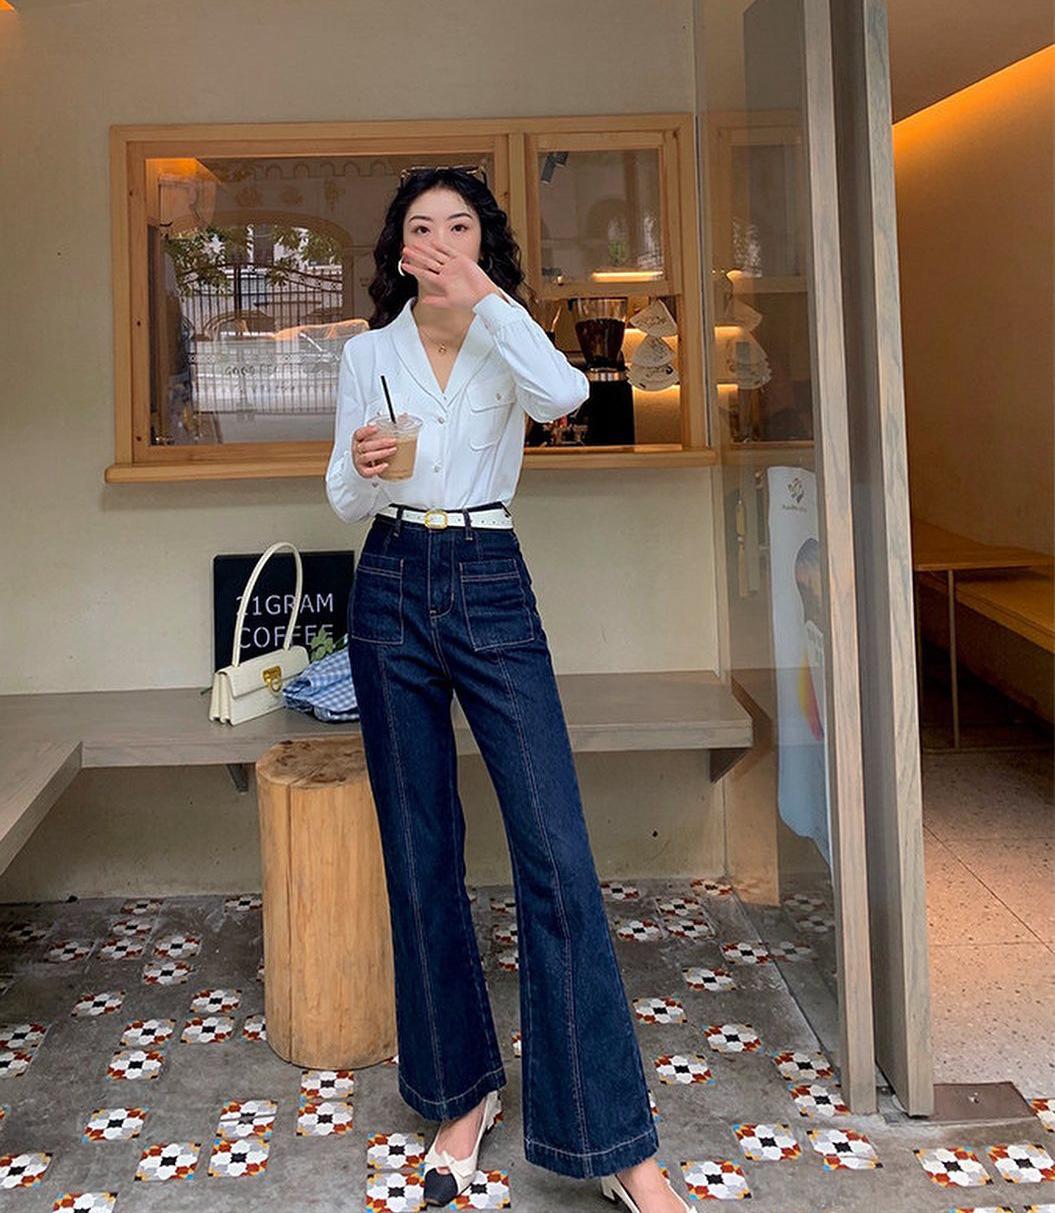 Mùa thu diện quần jeans ống loe chanh sả biết mấy, lại hack chân dài không tậu hơi phí - Ảnh 5.